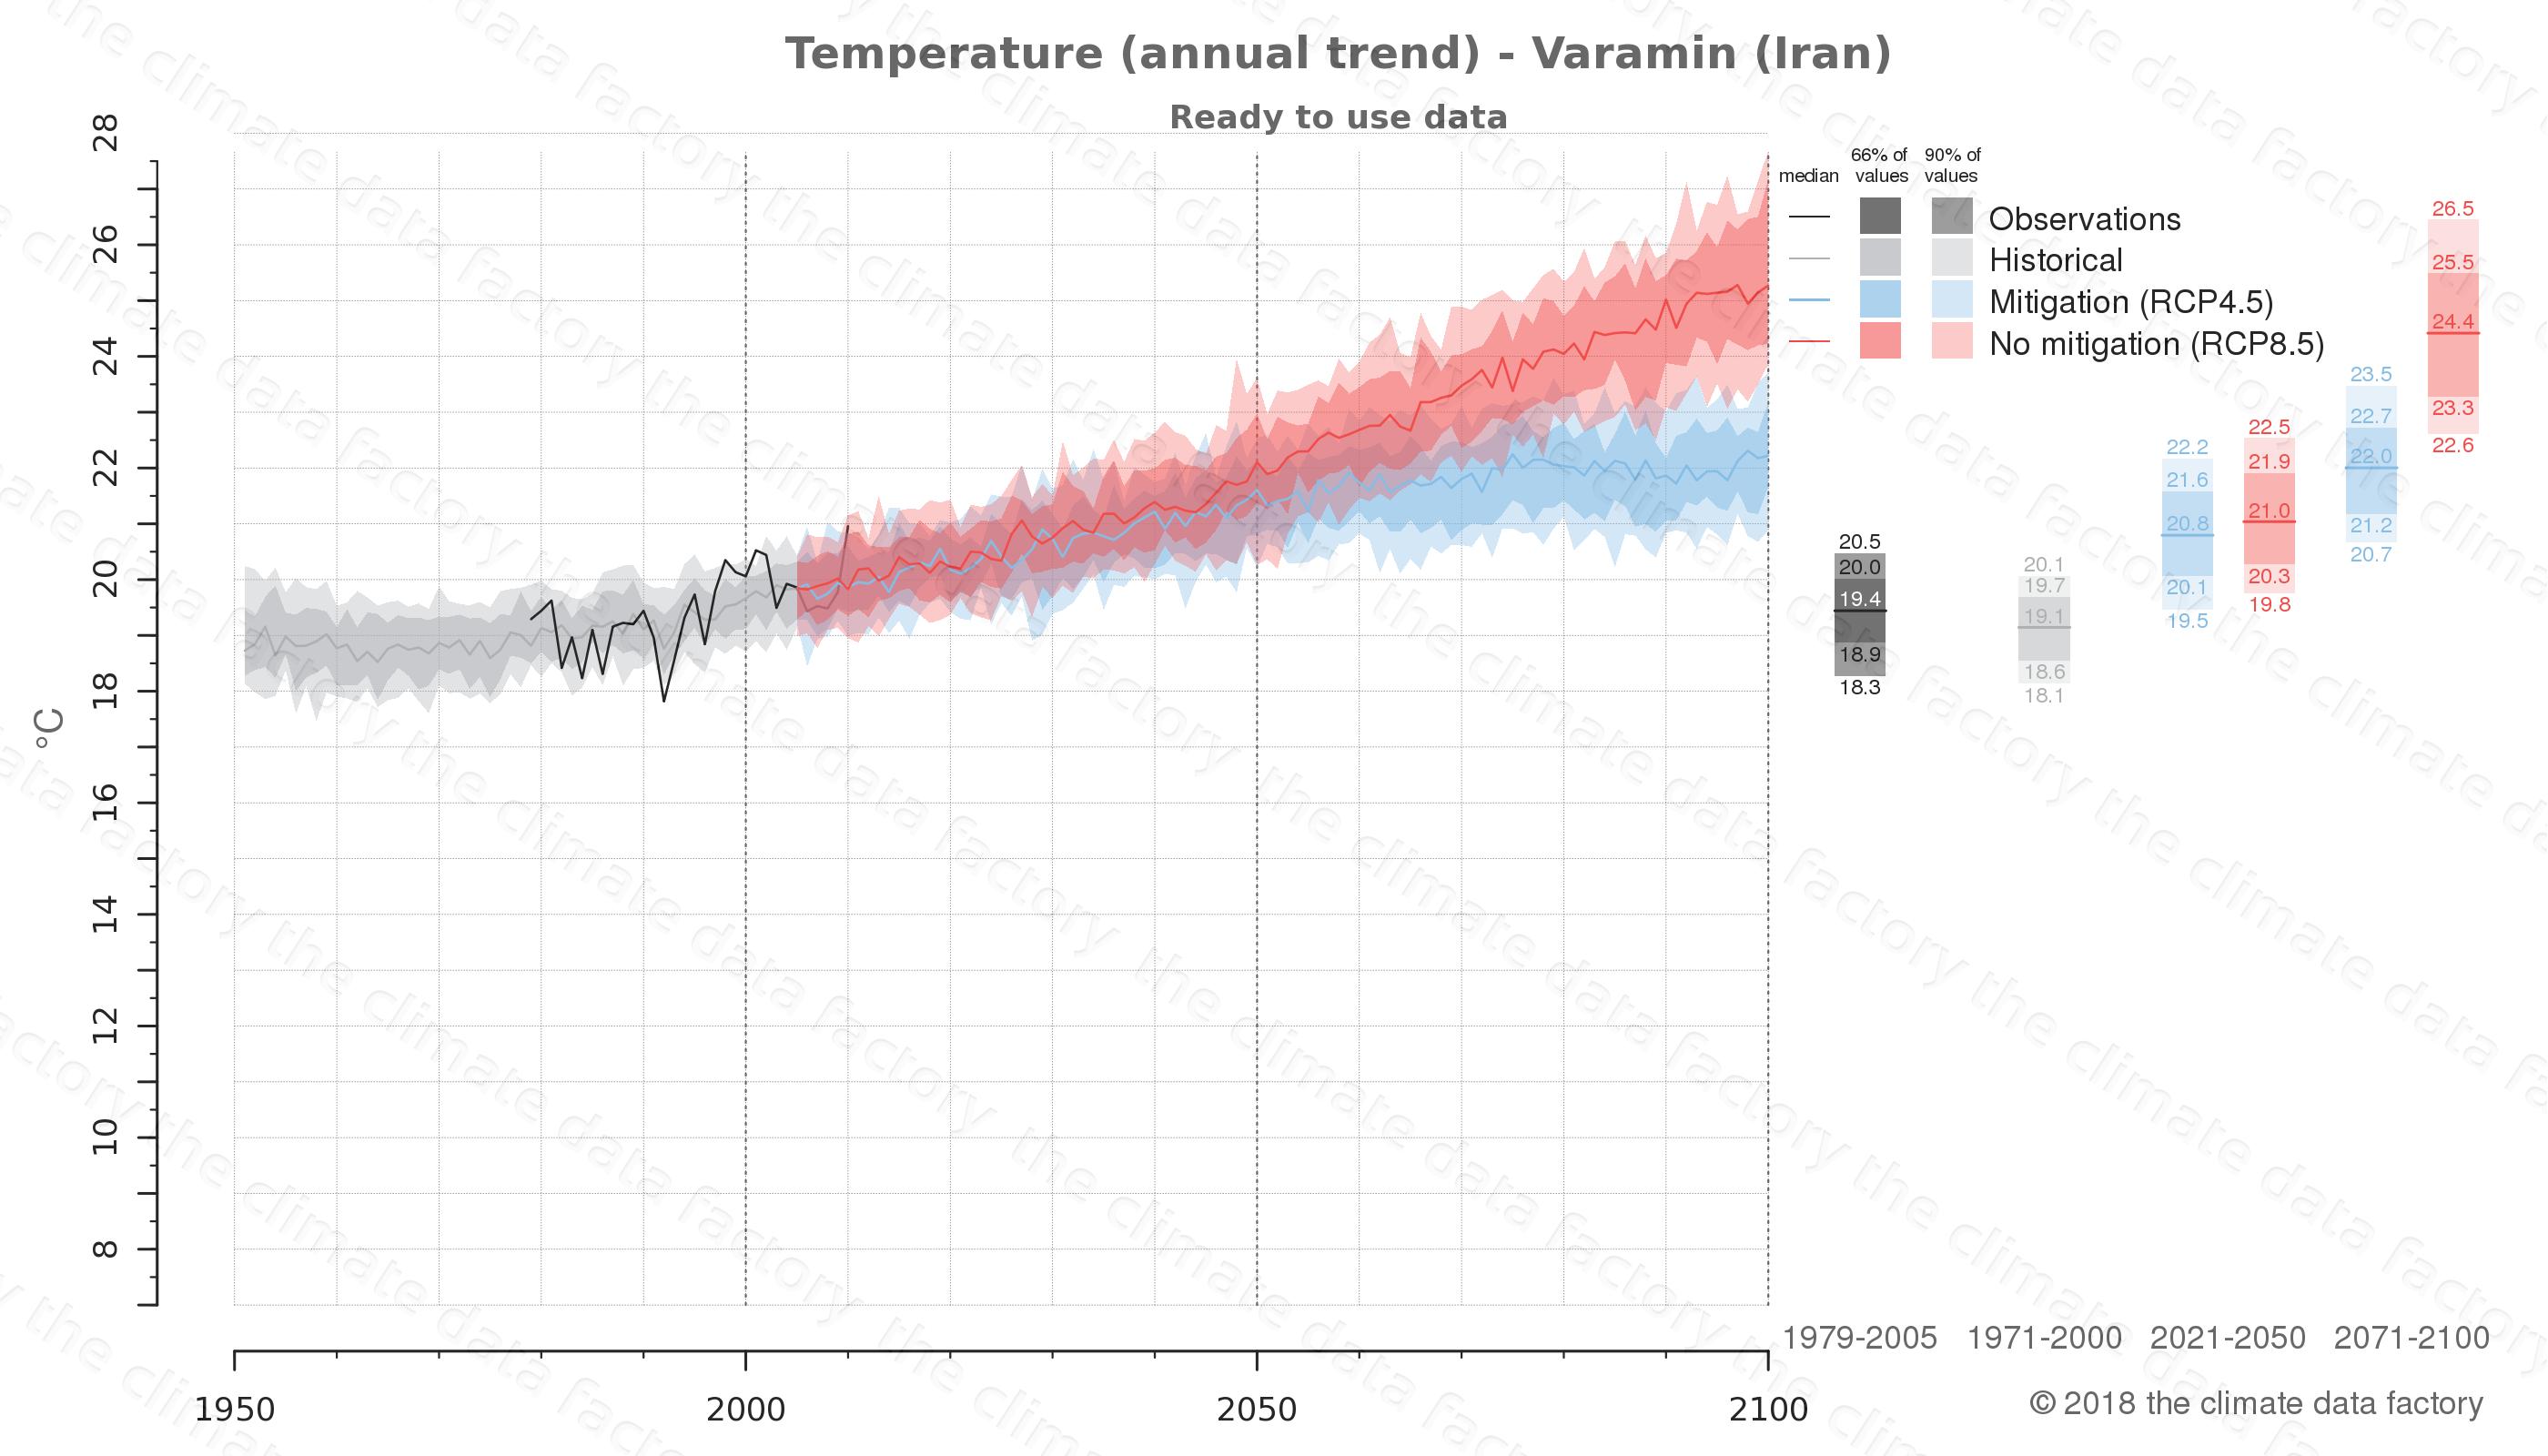 climate change data policy adaptation climate graph city data temperature varamin iran